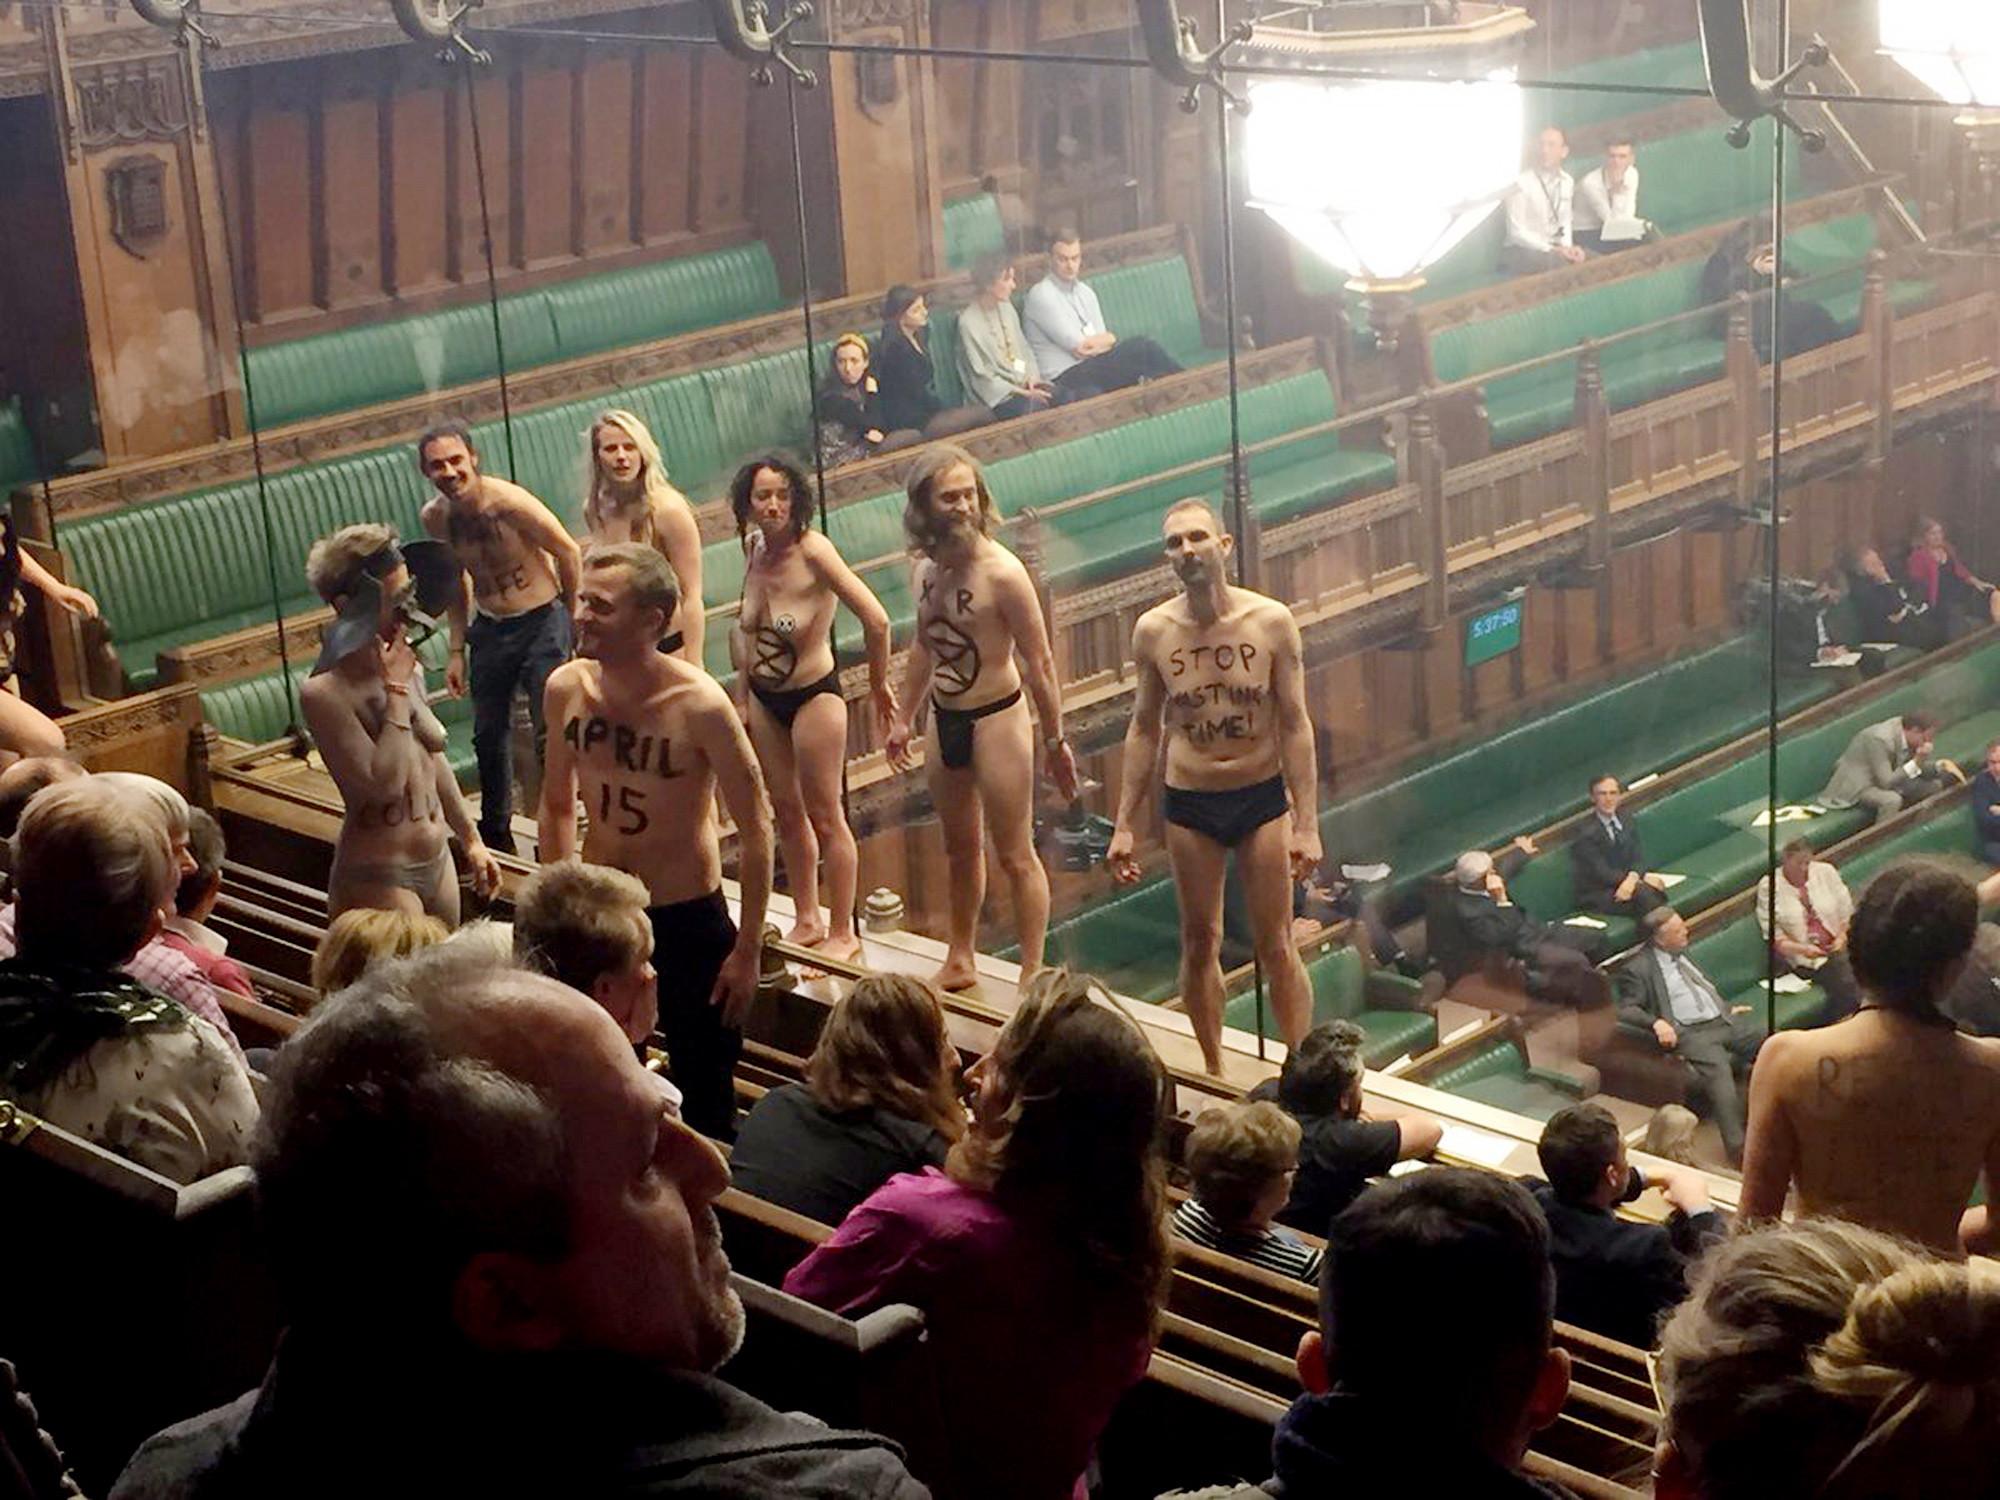 Ambientalistas despem-se durante debate no Parlamento britânico